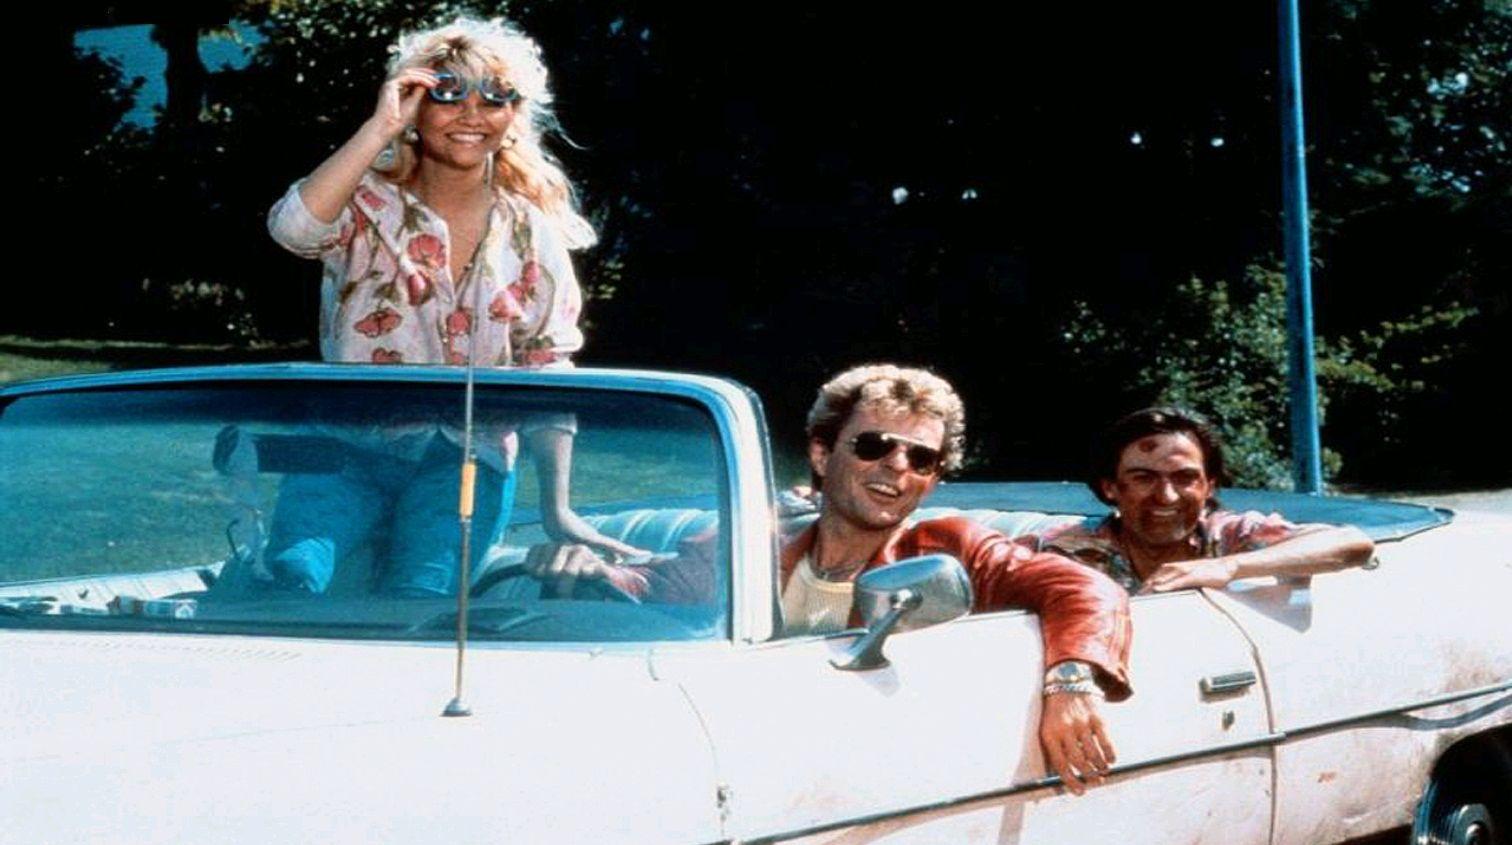 Семья Флоддер / Flodder (1986): кадр из фильма